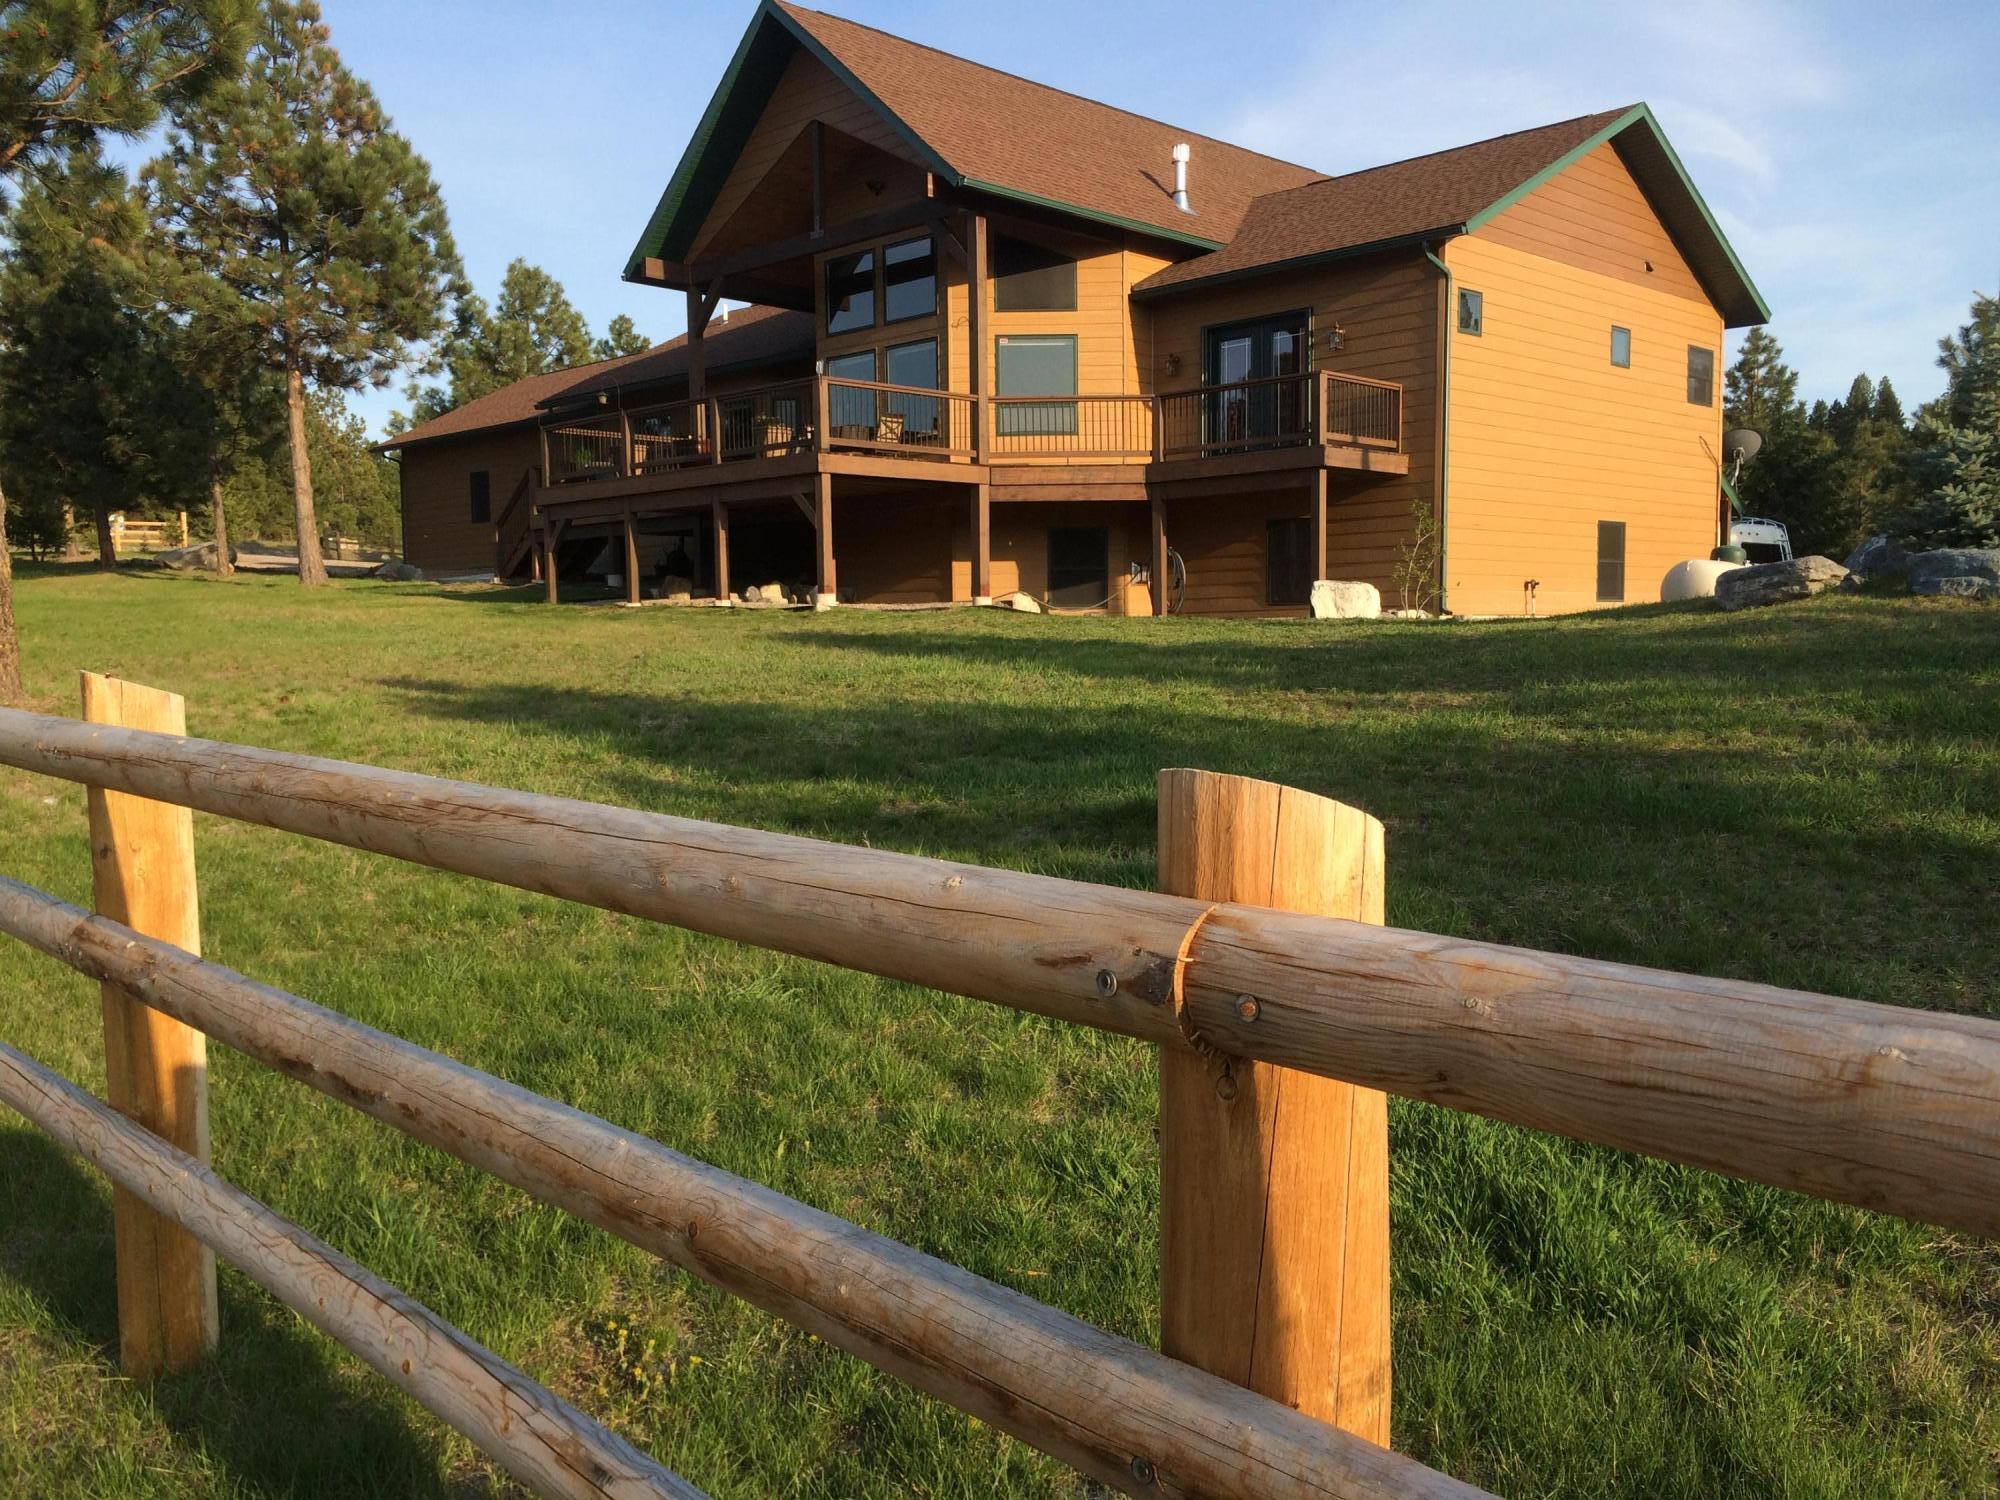 log fence & house